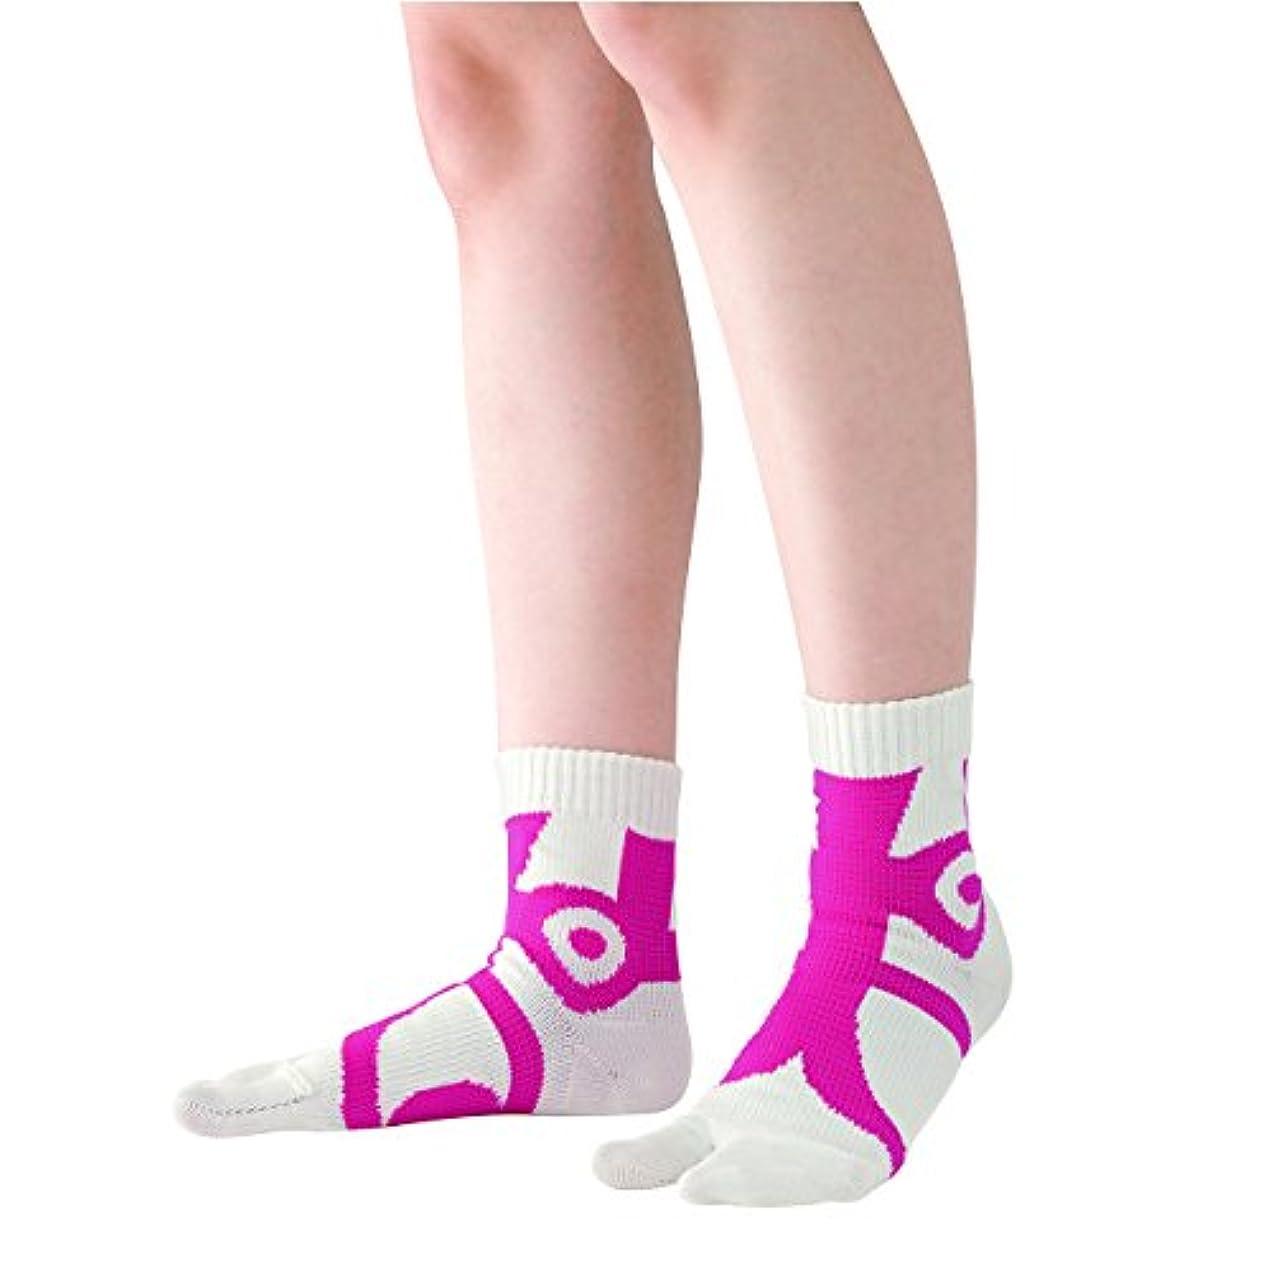 ウール散歩に行く成功した快歩テーピング靴下 ホワイト×ピンク